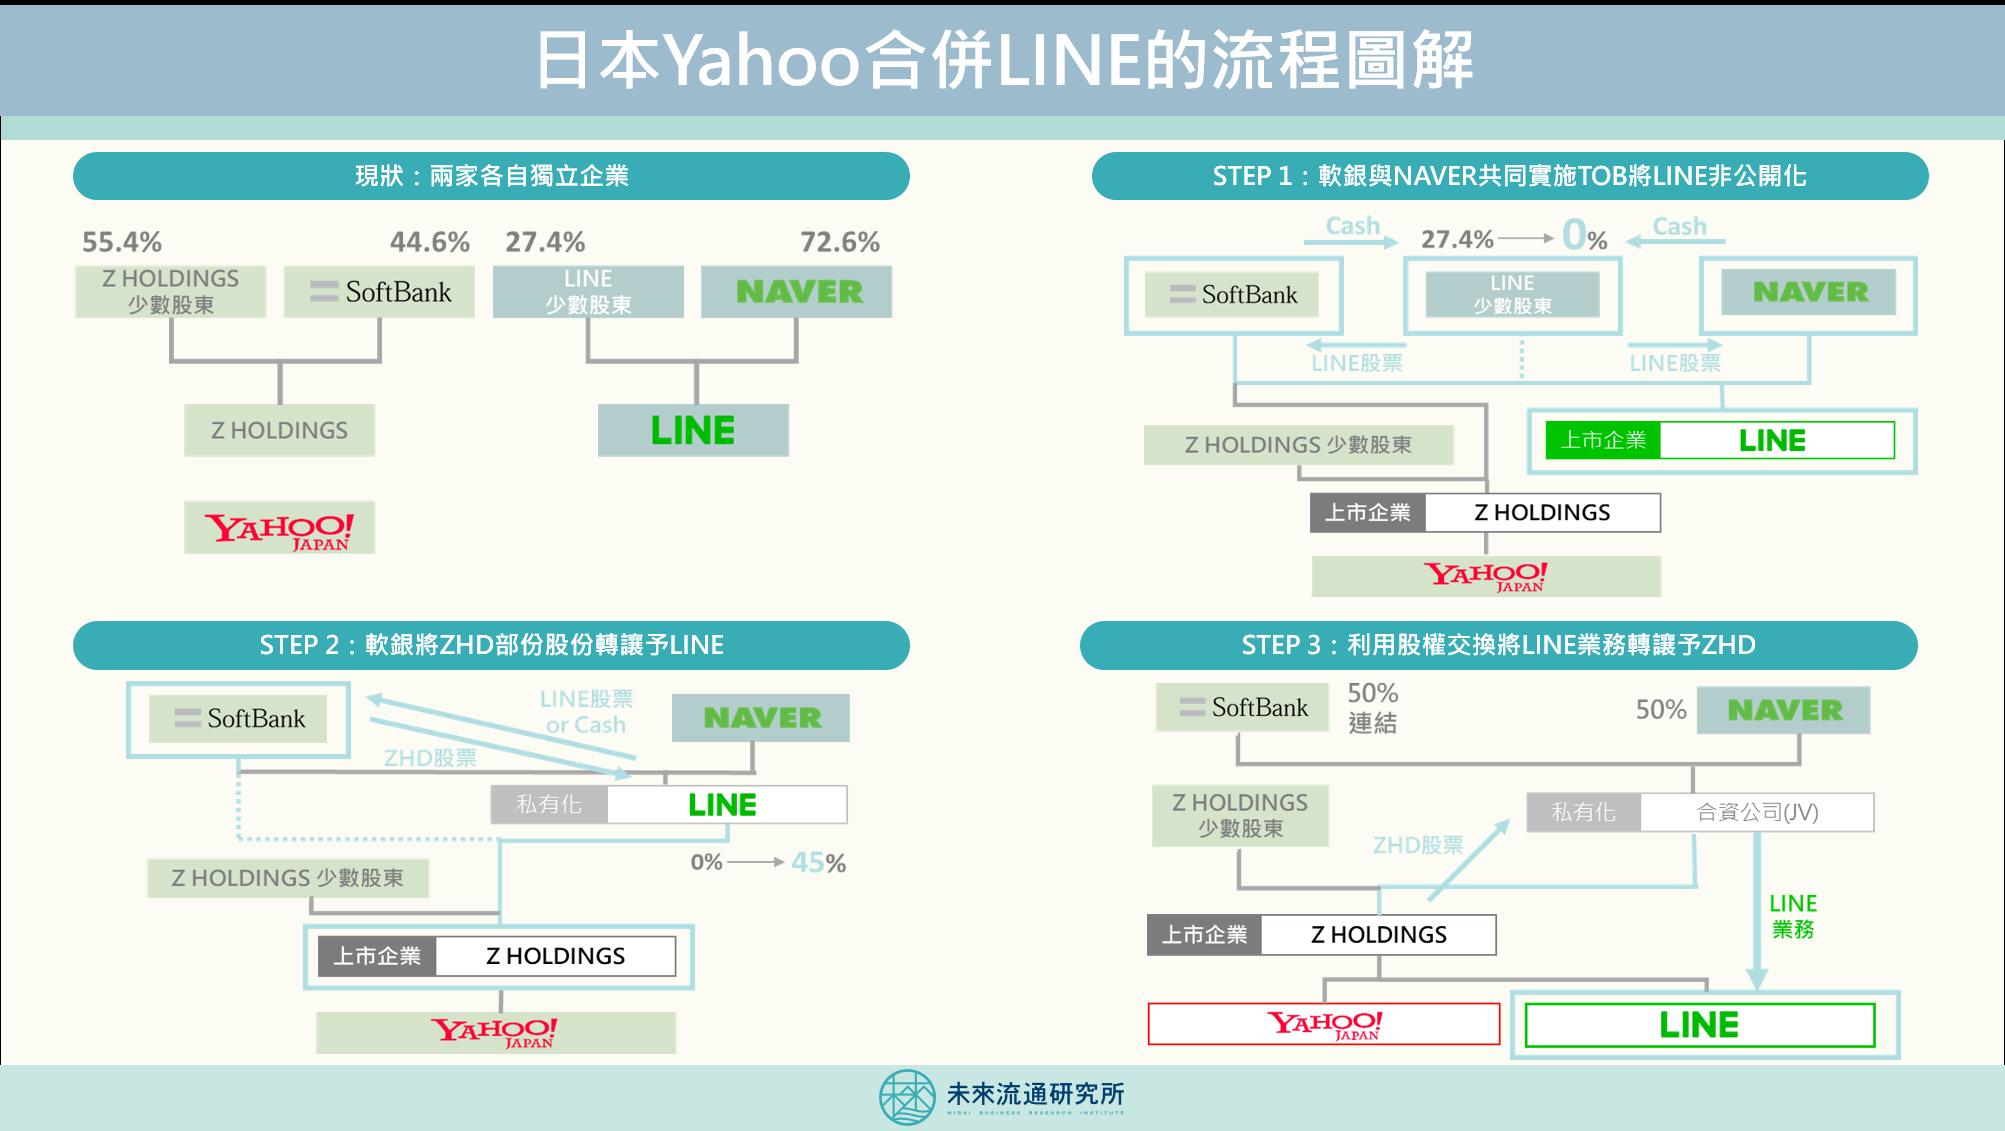 2019【投資情報圖解】日本Yahoo合併LINE流程圖解